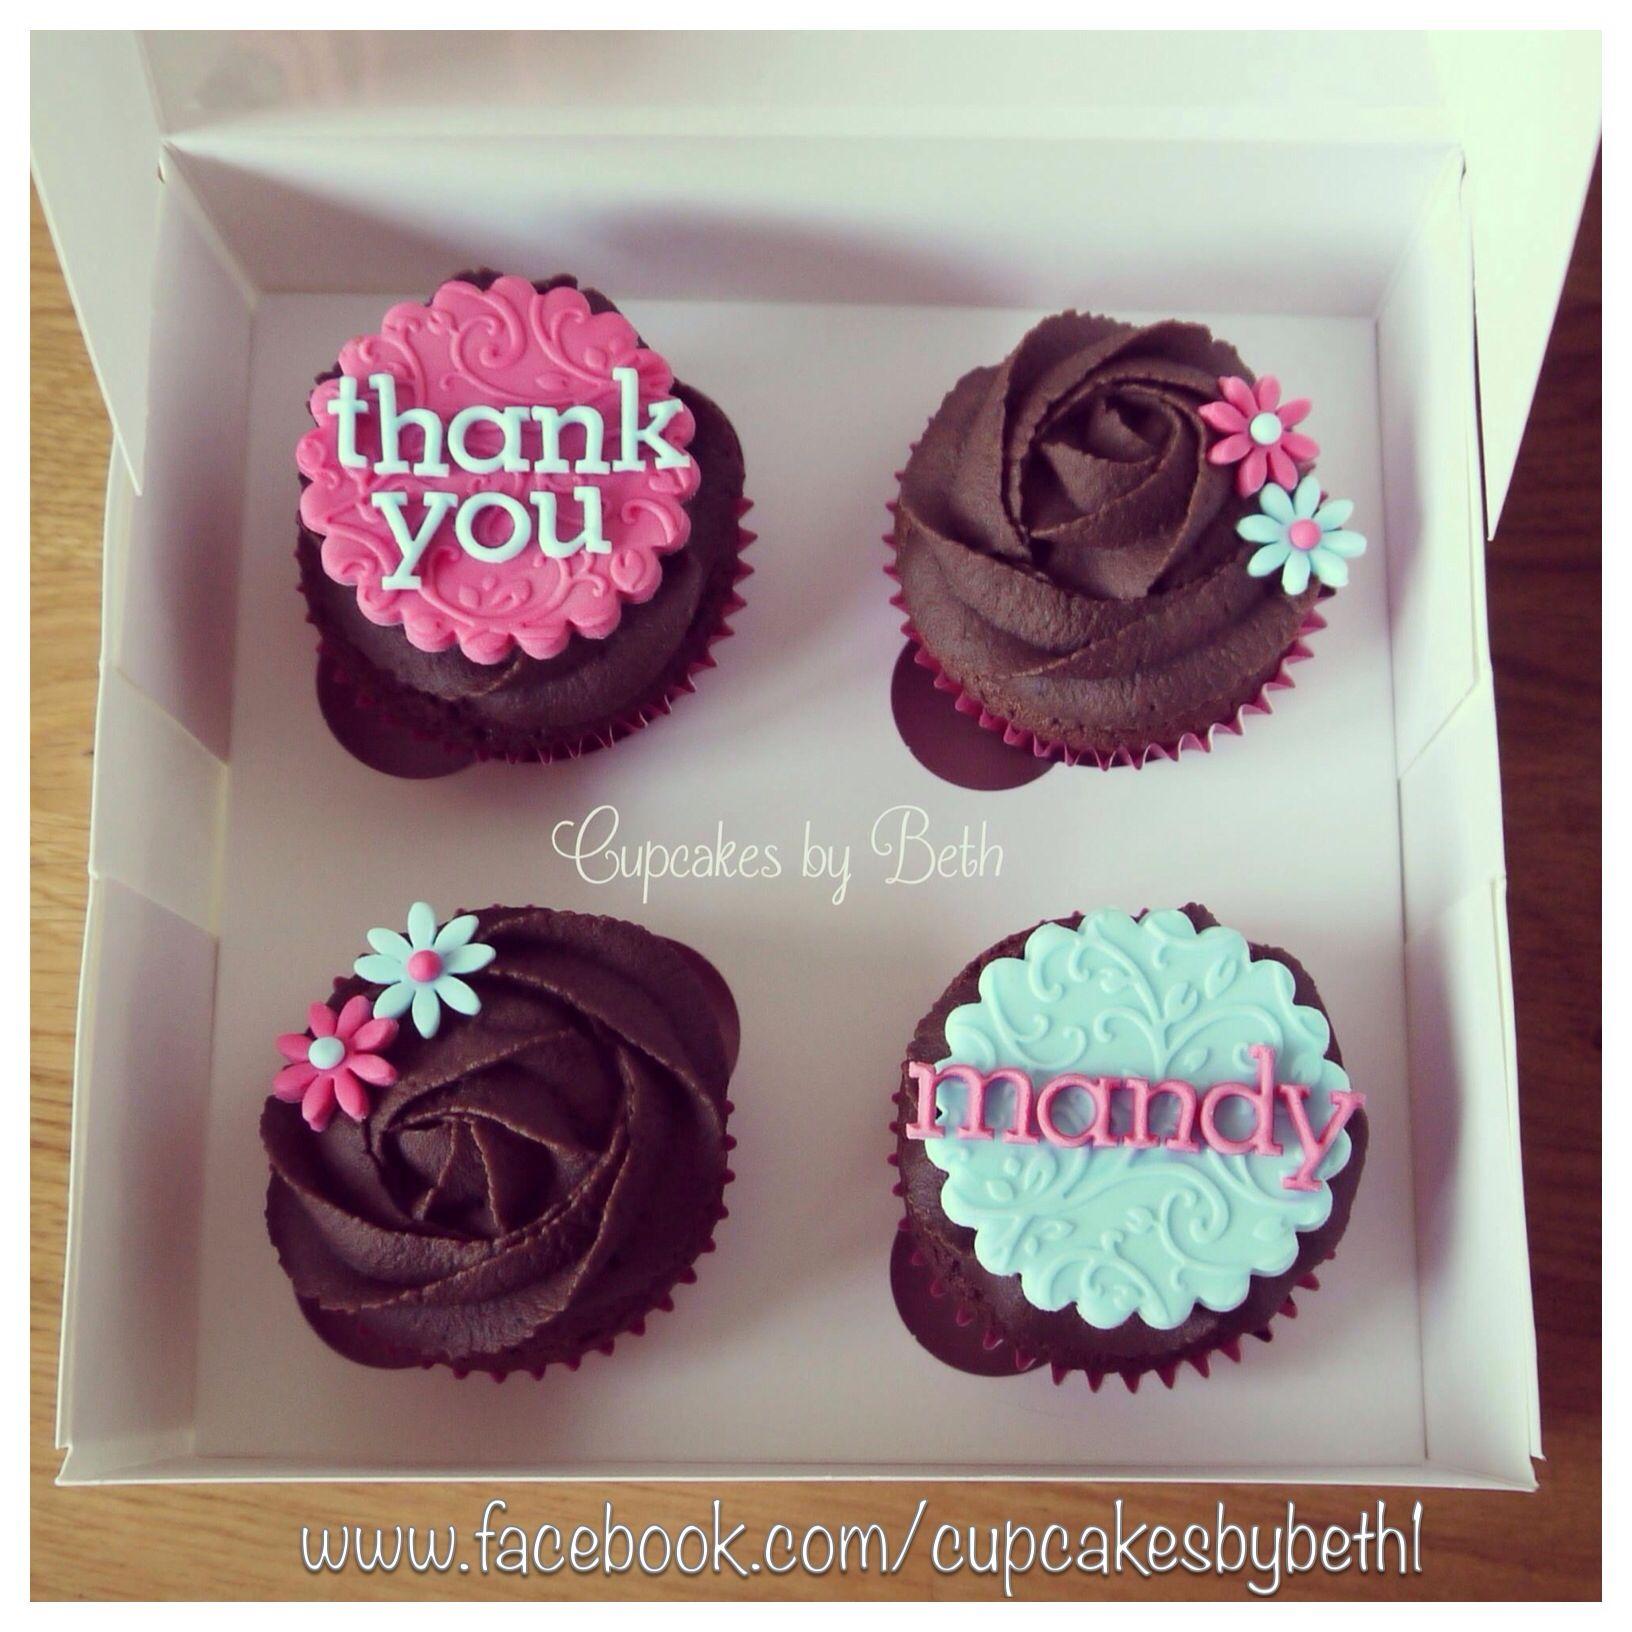 Thank You Cupcakes Facebook Cupcakesbybeth1